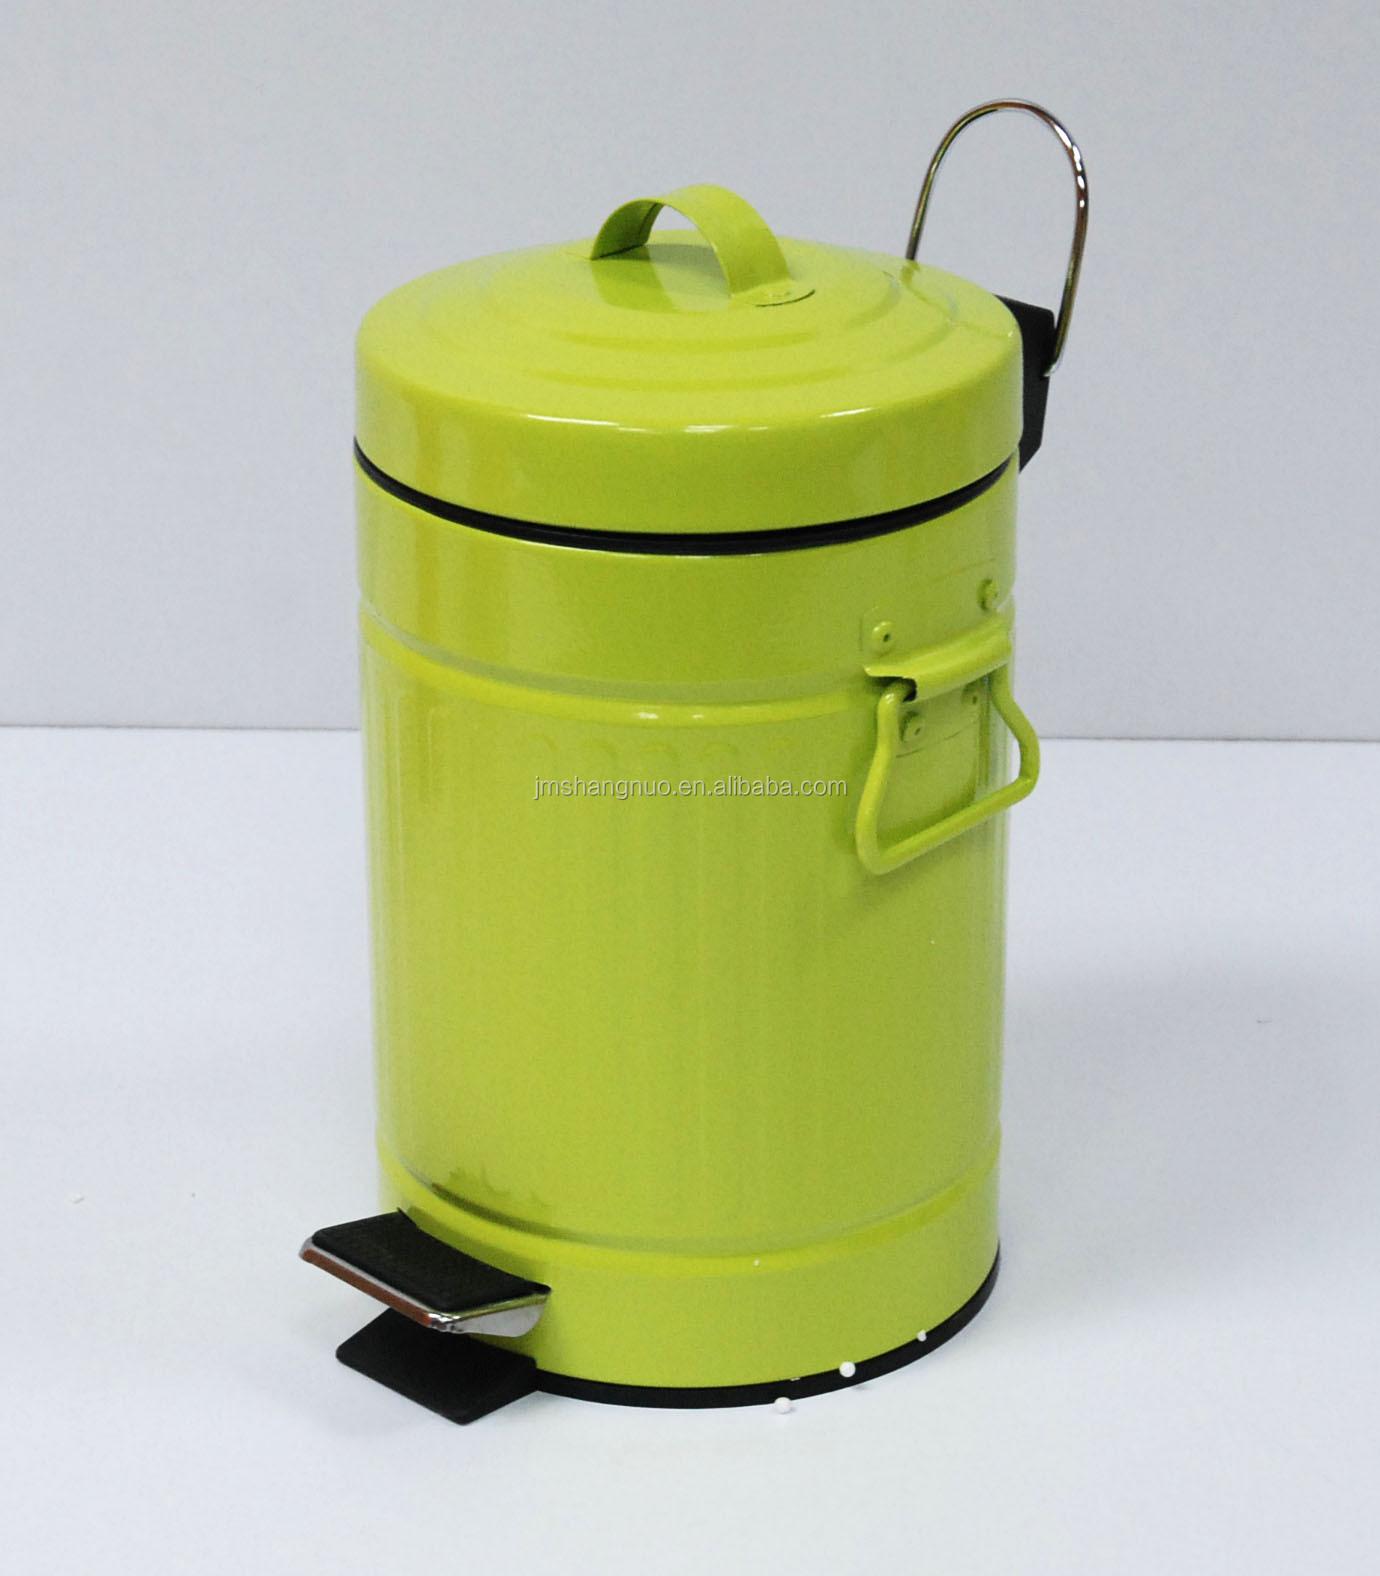 Groene keuken afvalbak met deksel afvalbakken product id ...